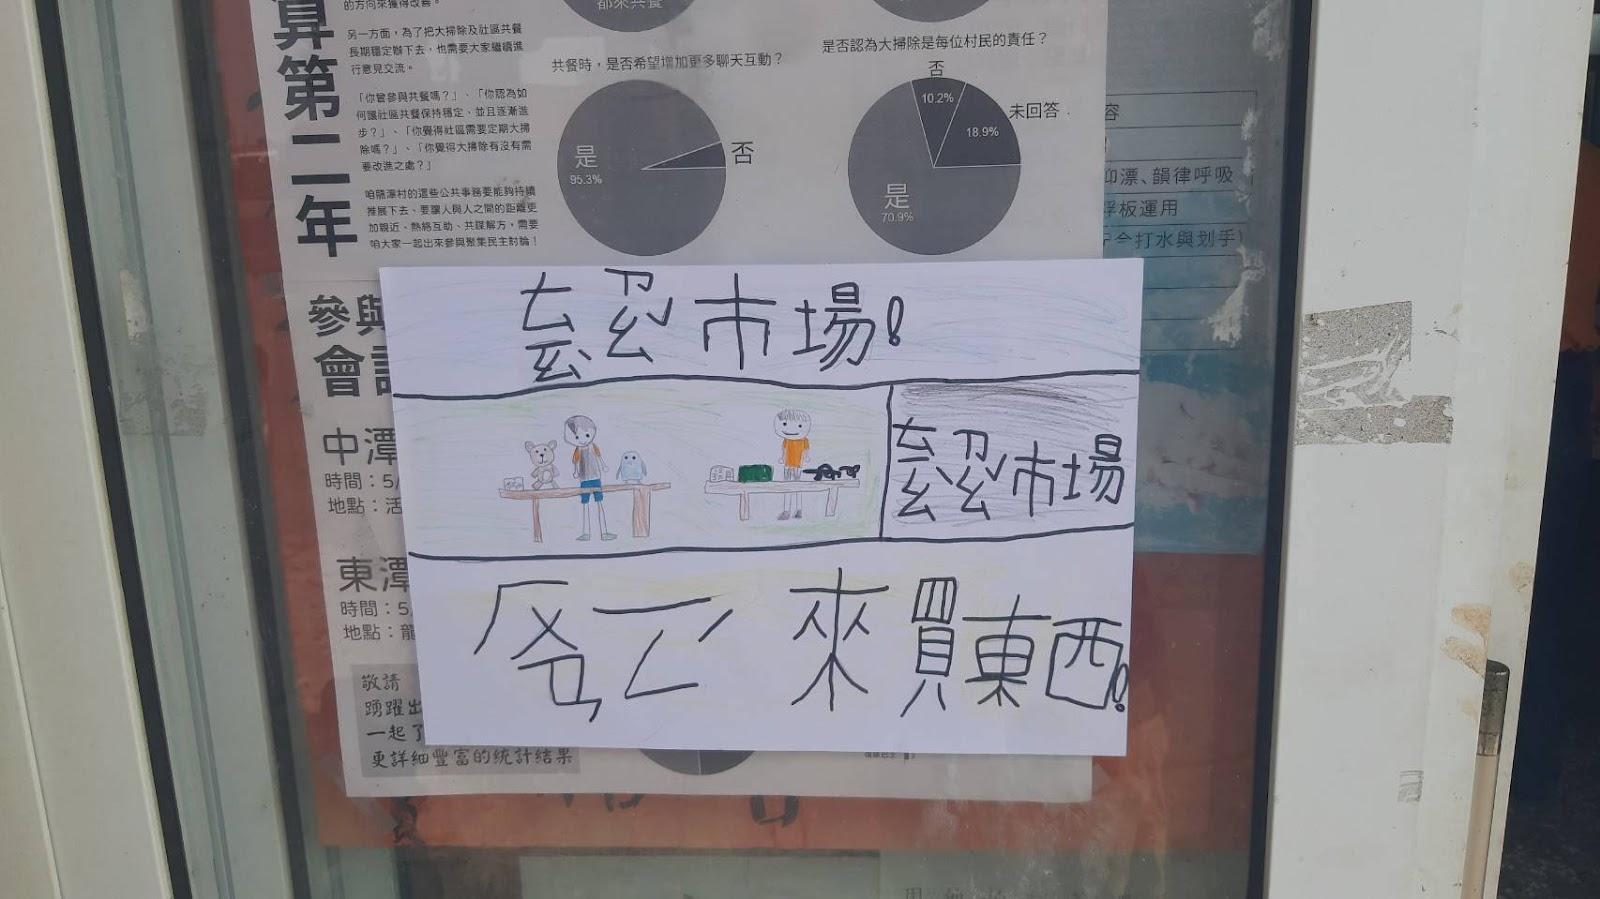 龍潭村首次跳蚤市場側記